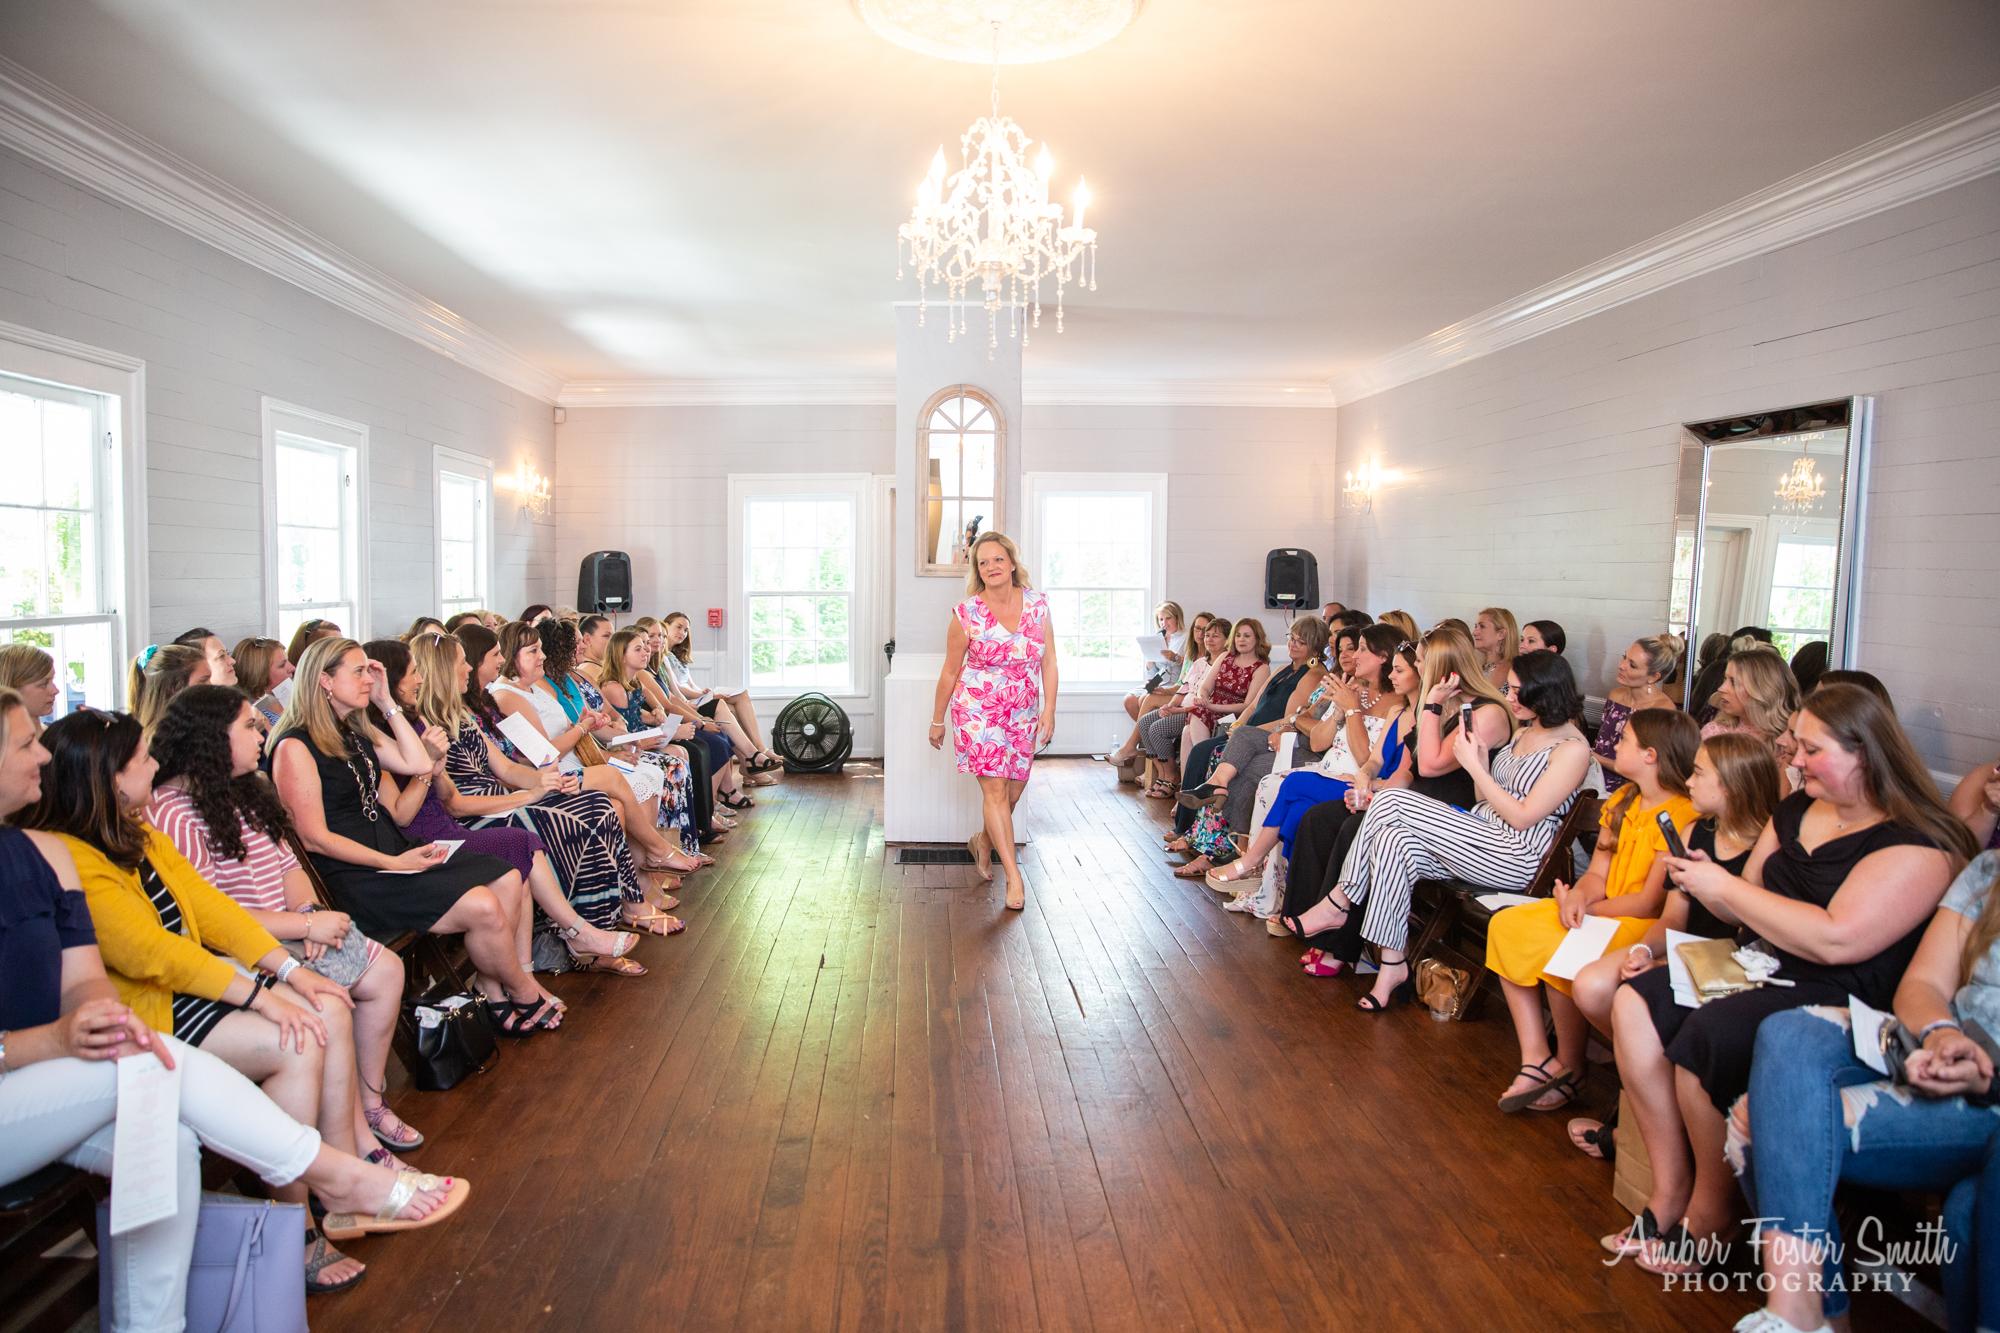 Women walking a runway in fashion show